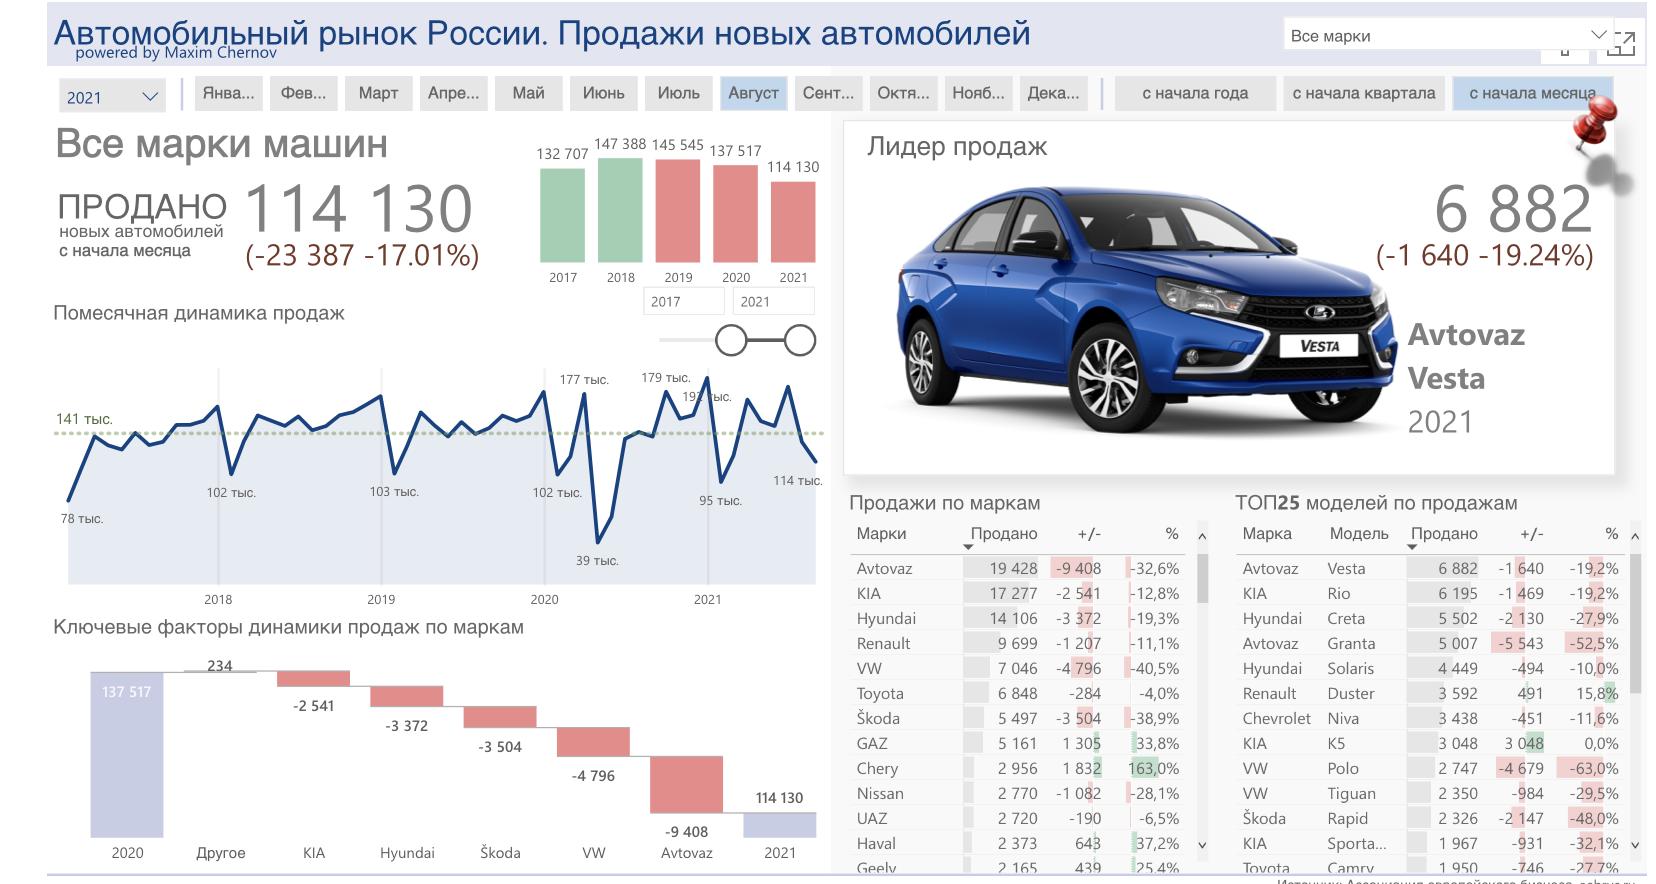 Продажи автомобилей в России упали на 17%